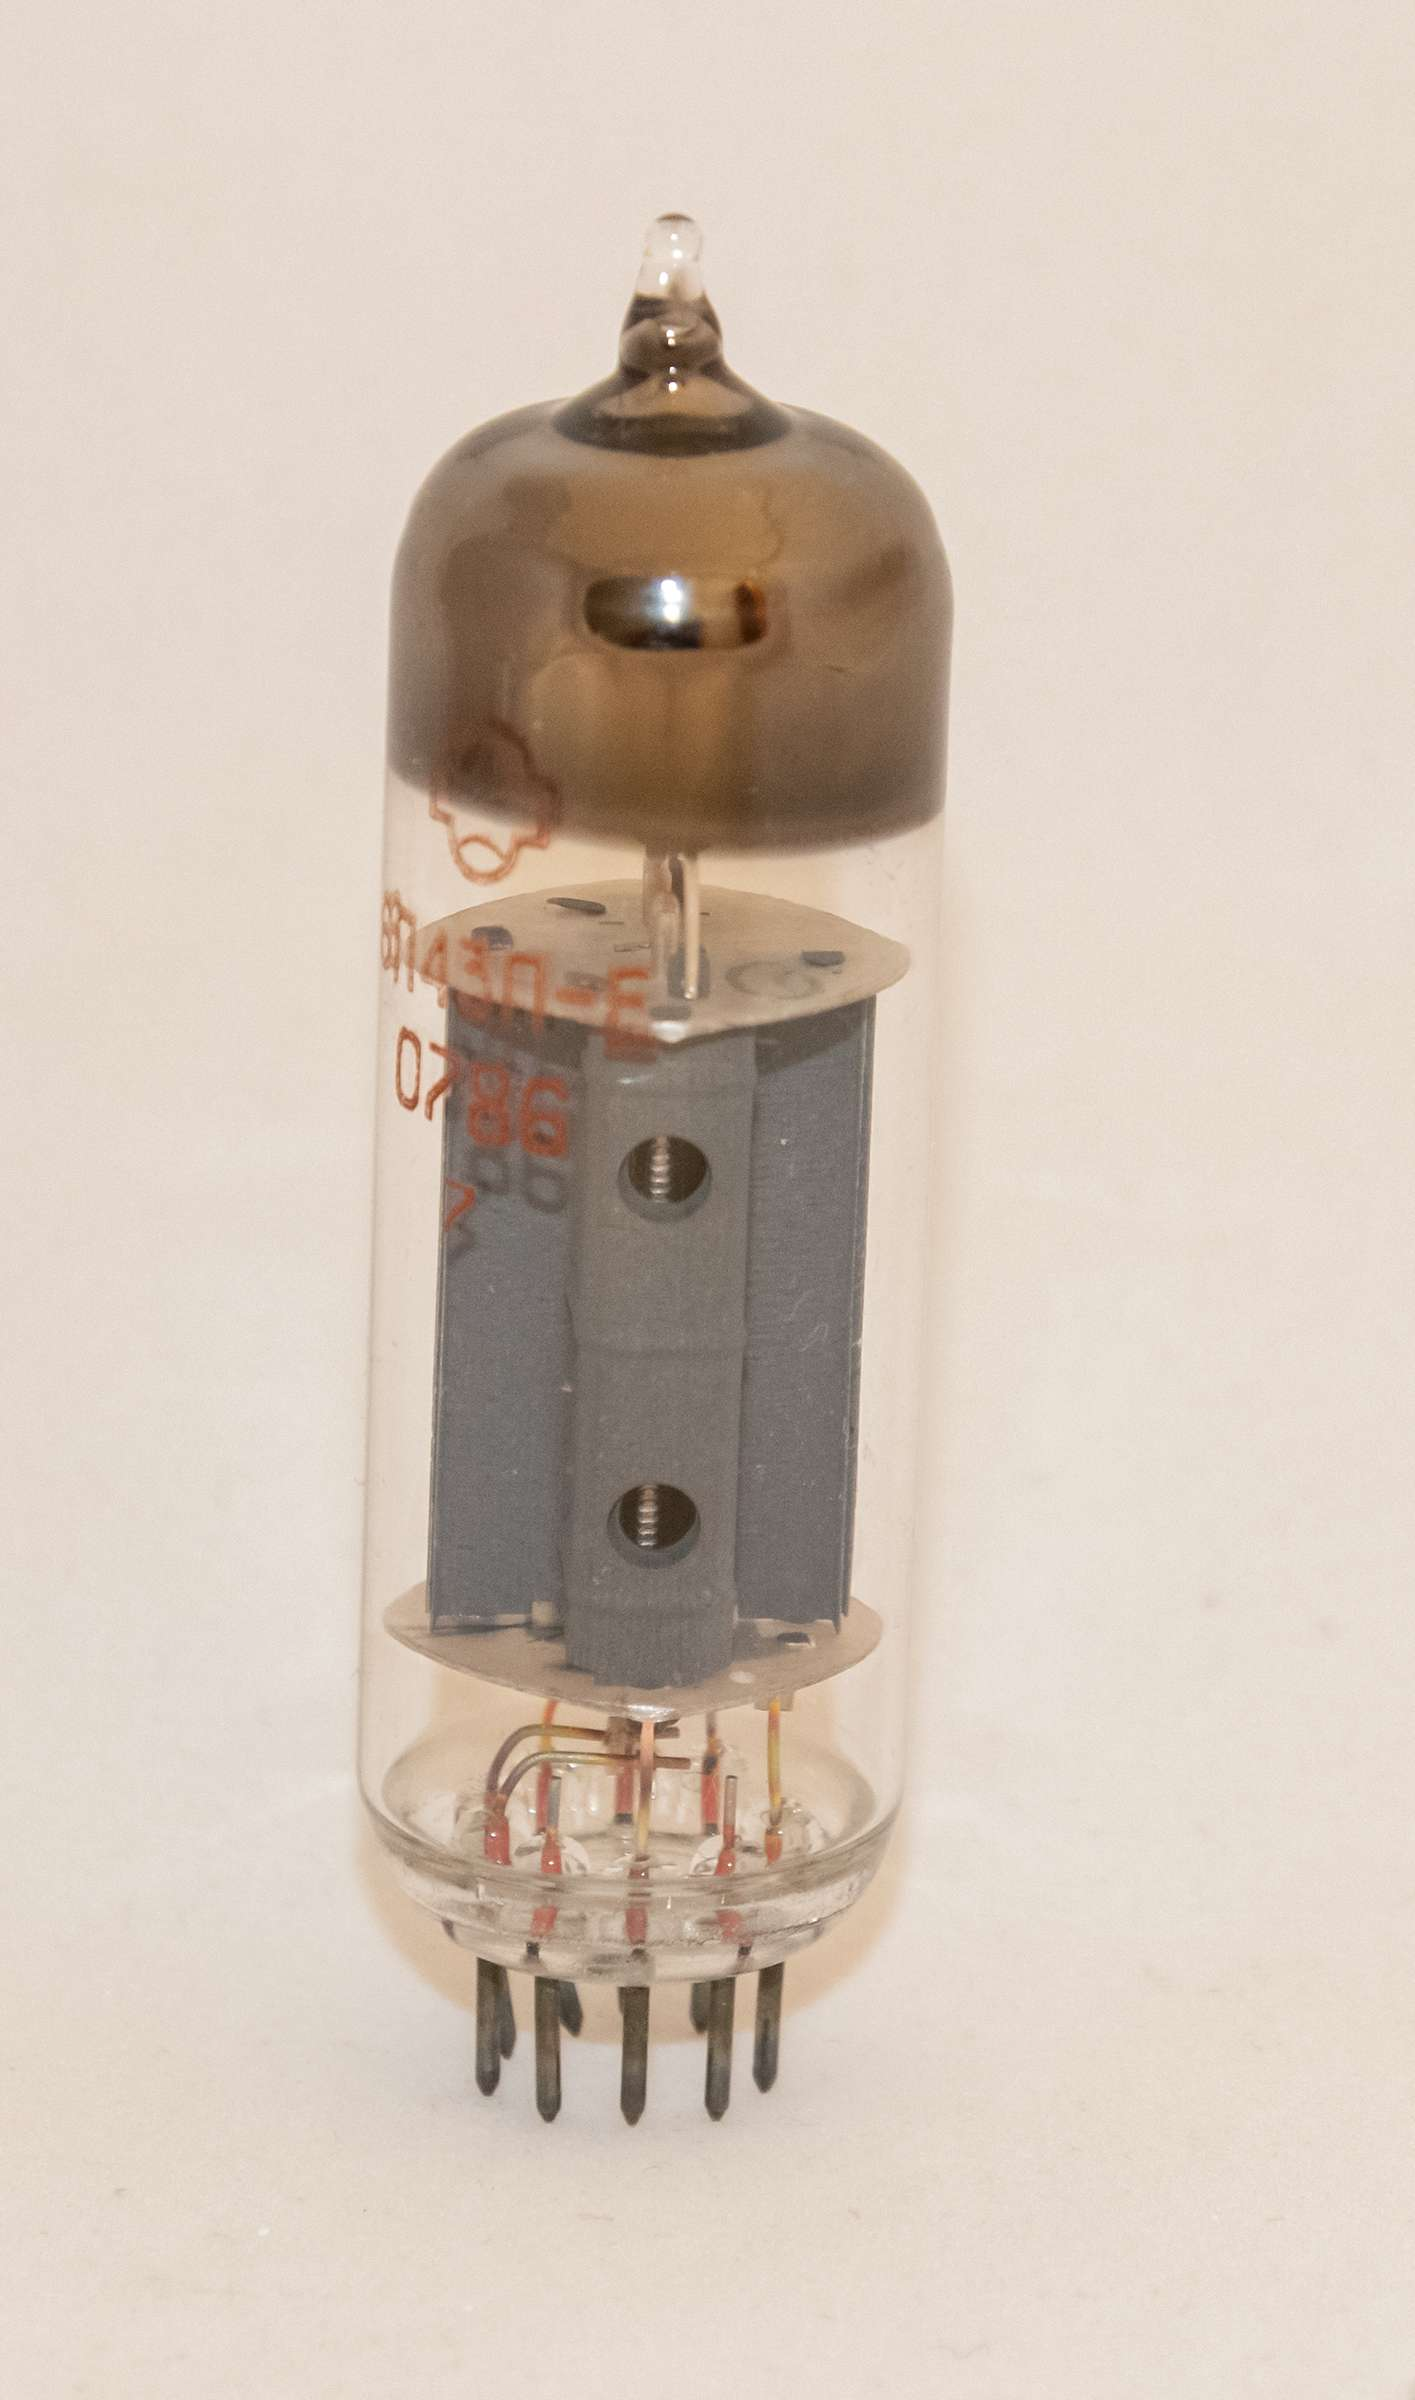 Внешний вид радиолампы 6П43П-Е